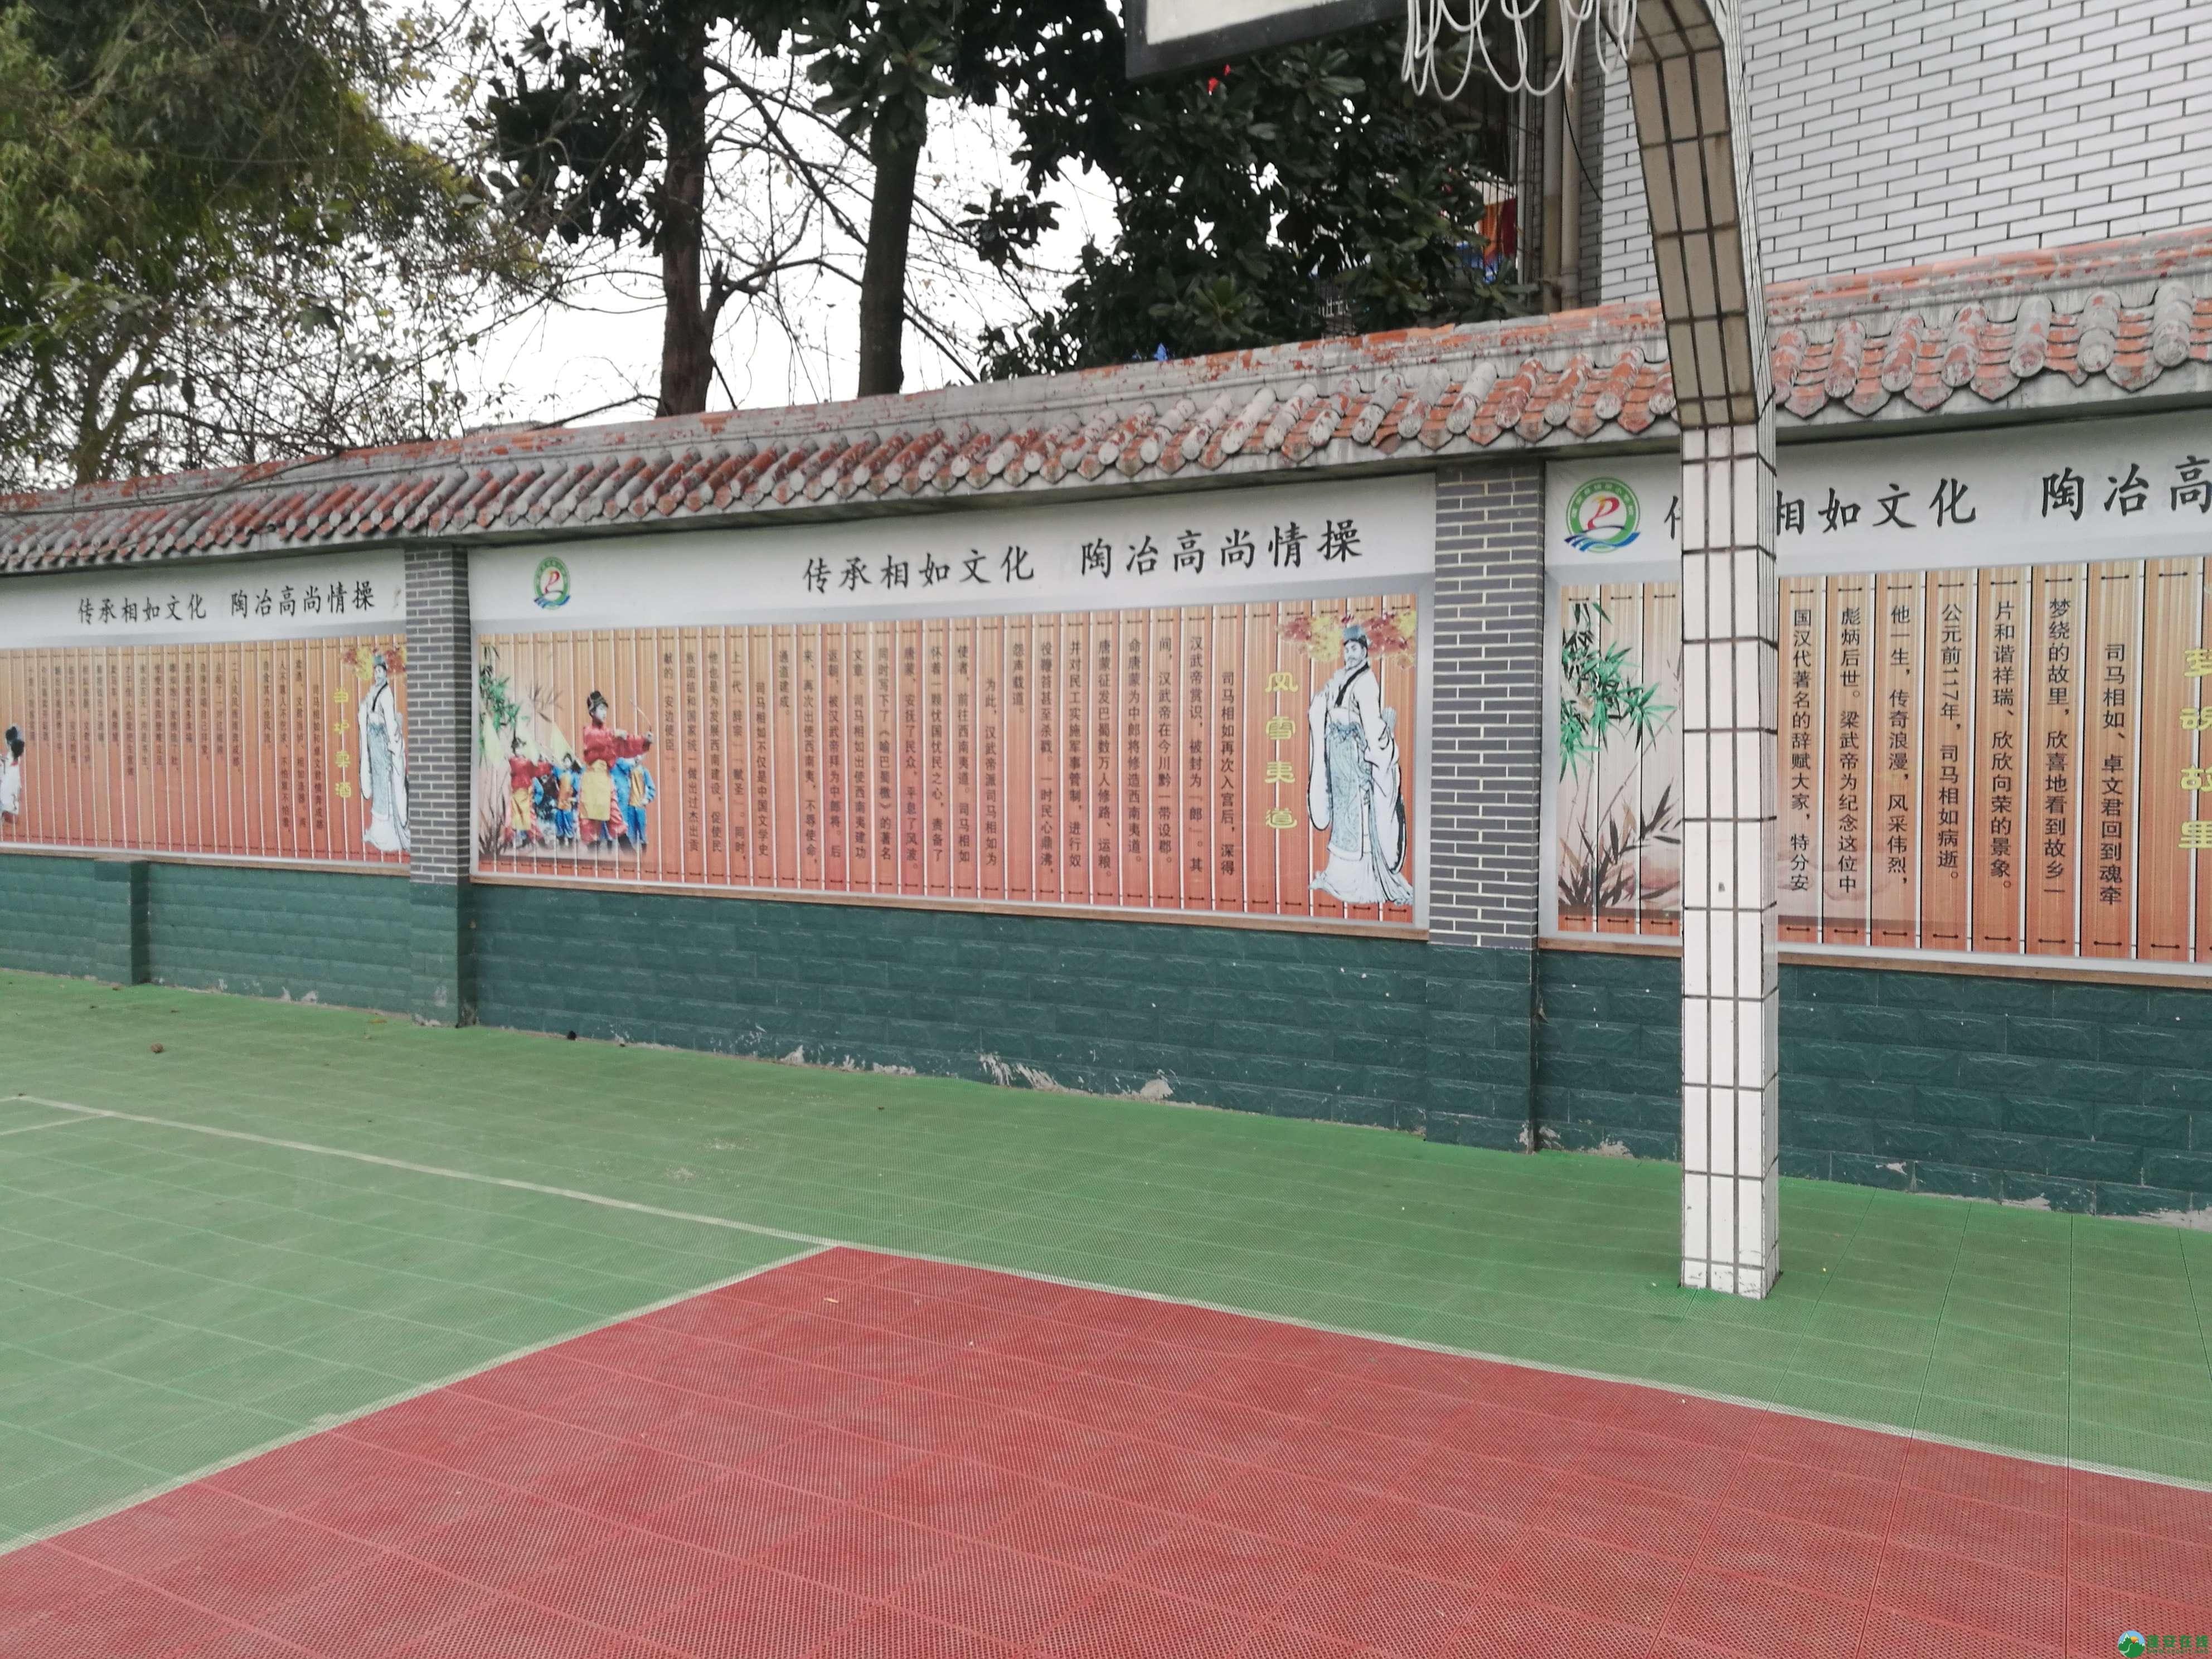 近二十年后再次走进锦屏小学 - 第7张  | 蓬安在线